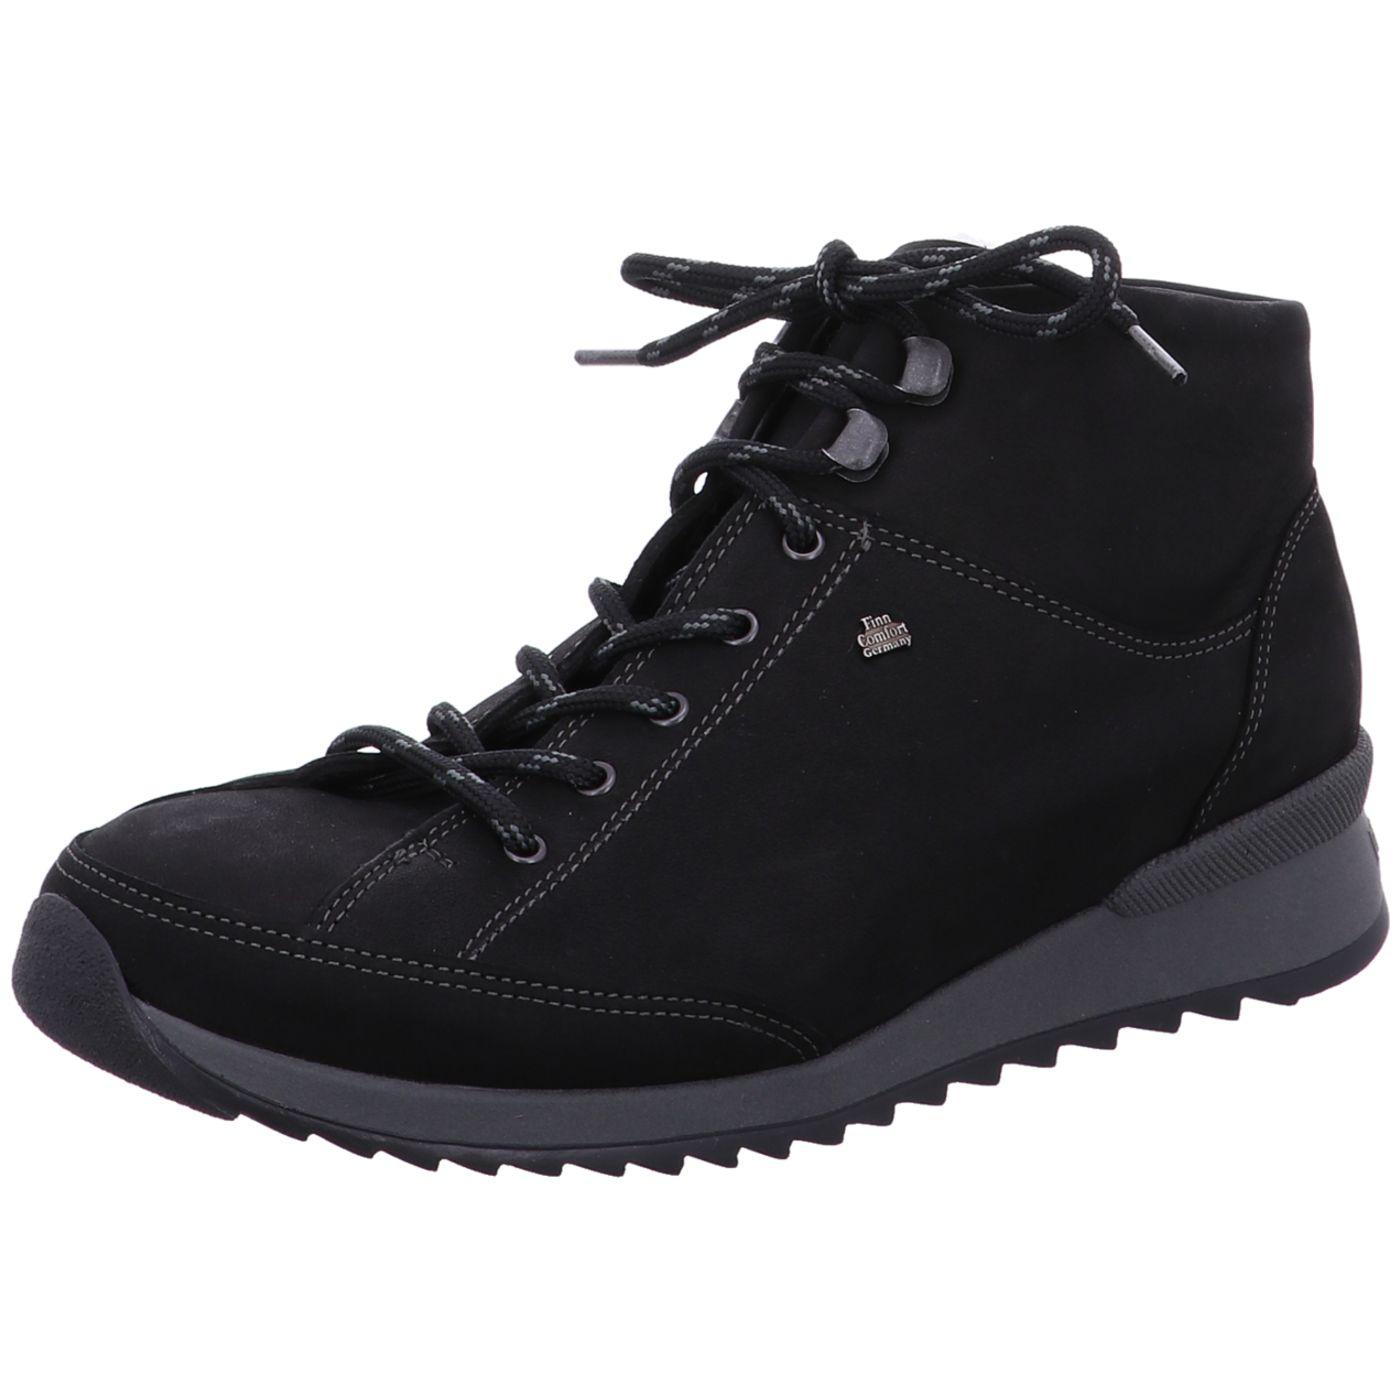 0c62acd76773b Finn Comfort Schuhe » Über 500 Modelle verfügbar